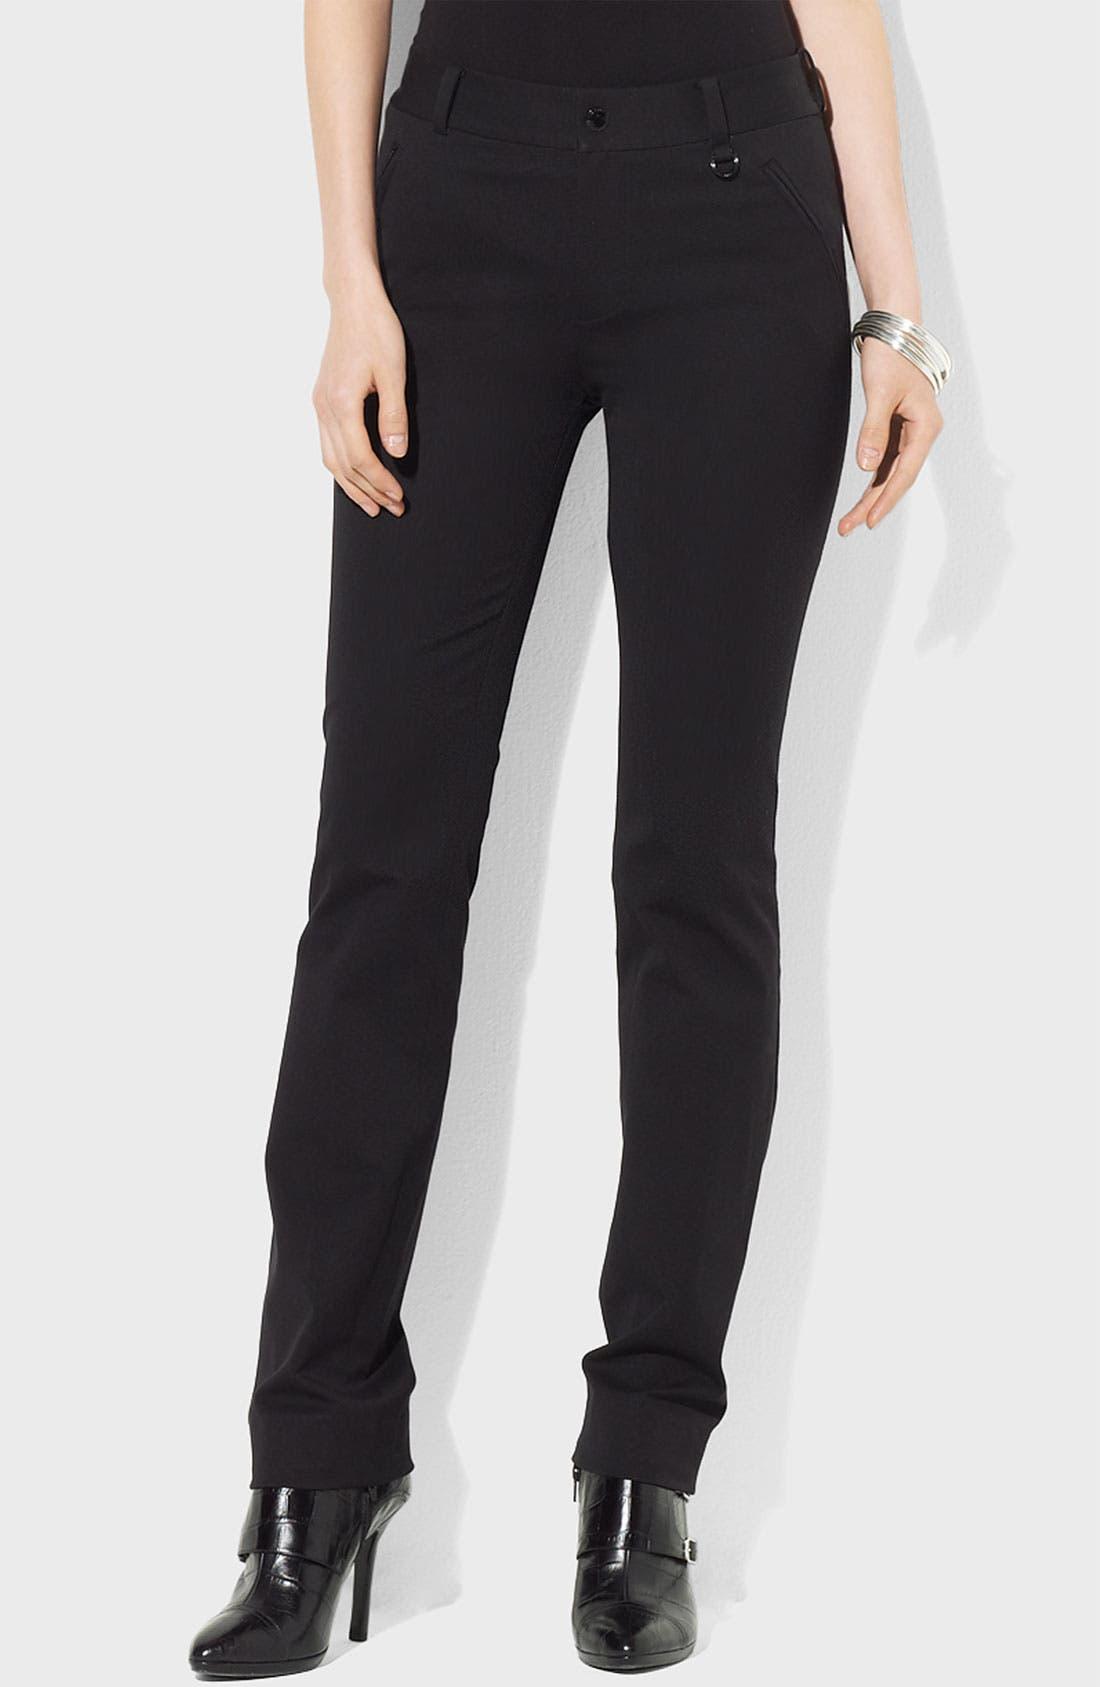 Alternate Image 1 Selected - Lauren Ralph Lauren Slim Twill Pants